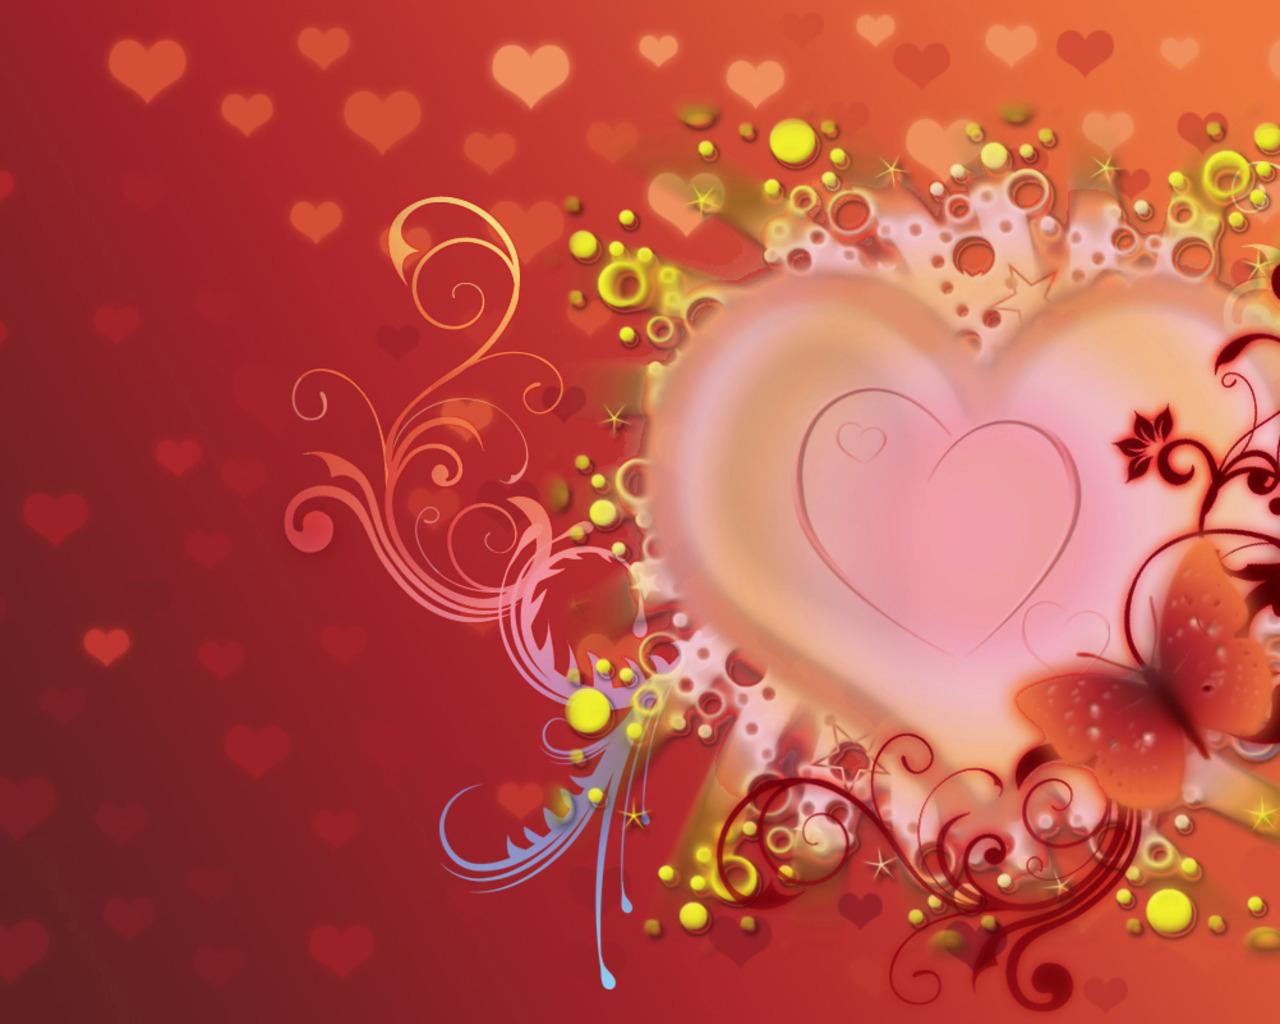 valentine desktop wallpaper which is under the valentines 1280x1024